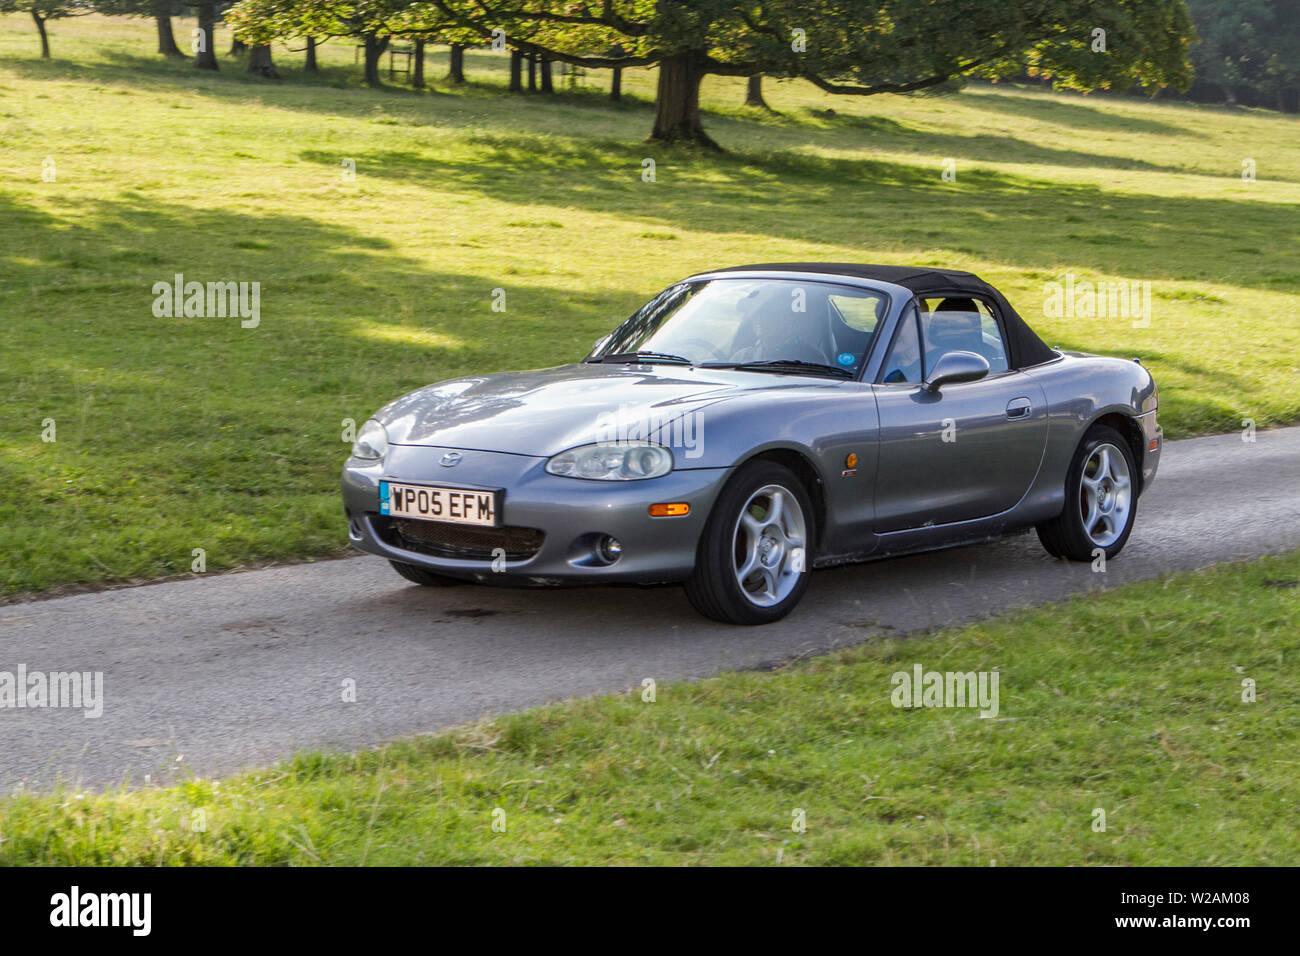 Kelebihan Kekurangan Mazda Mx5 2005 Review